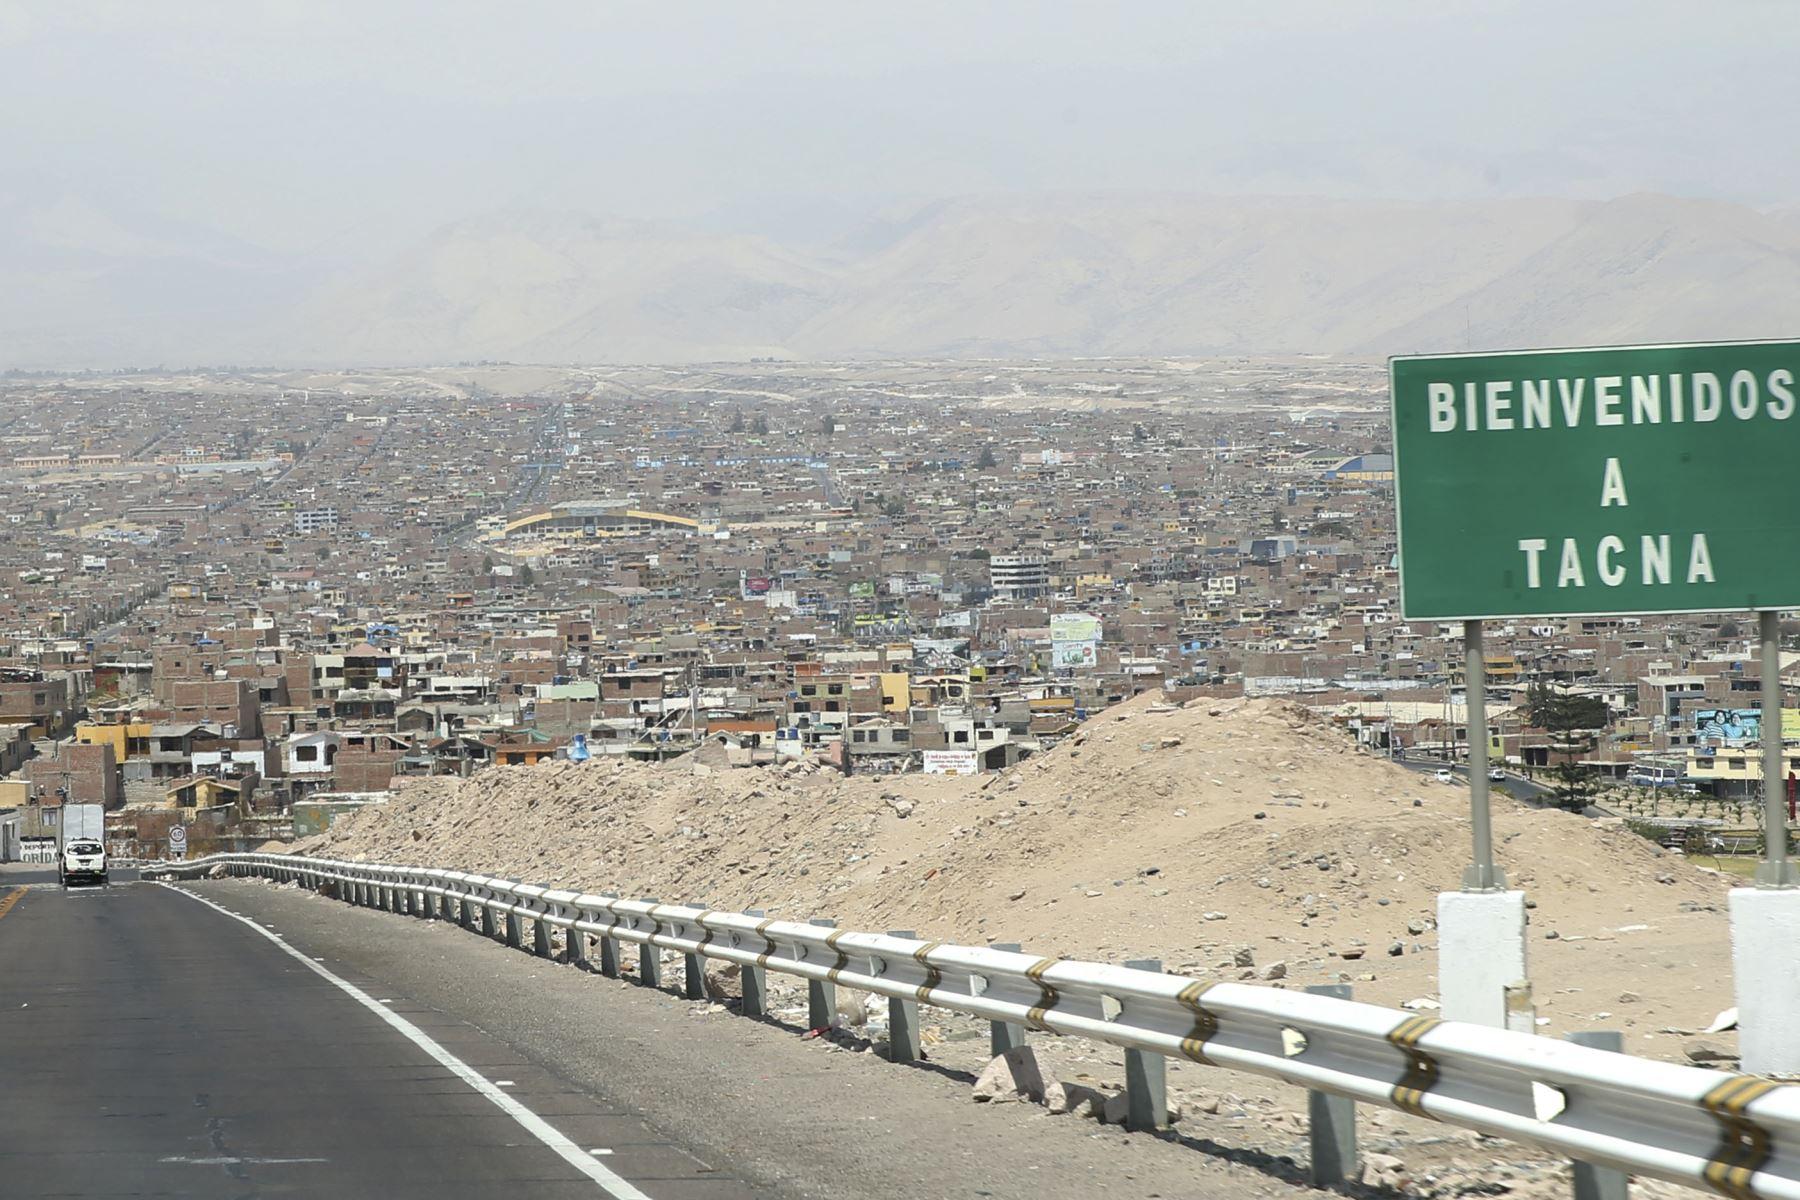 La ciudad de Tacna fue remecida esta mañana por un fuerte sismo de magnitud 5.6 cuyo epicentro se ubicó en Chile. ANDINA/archivo